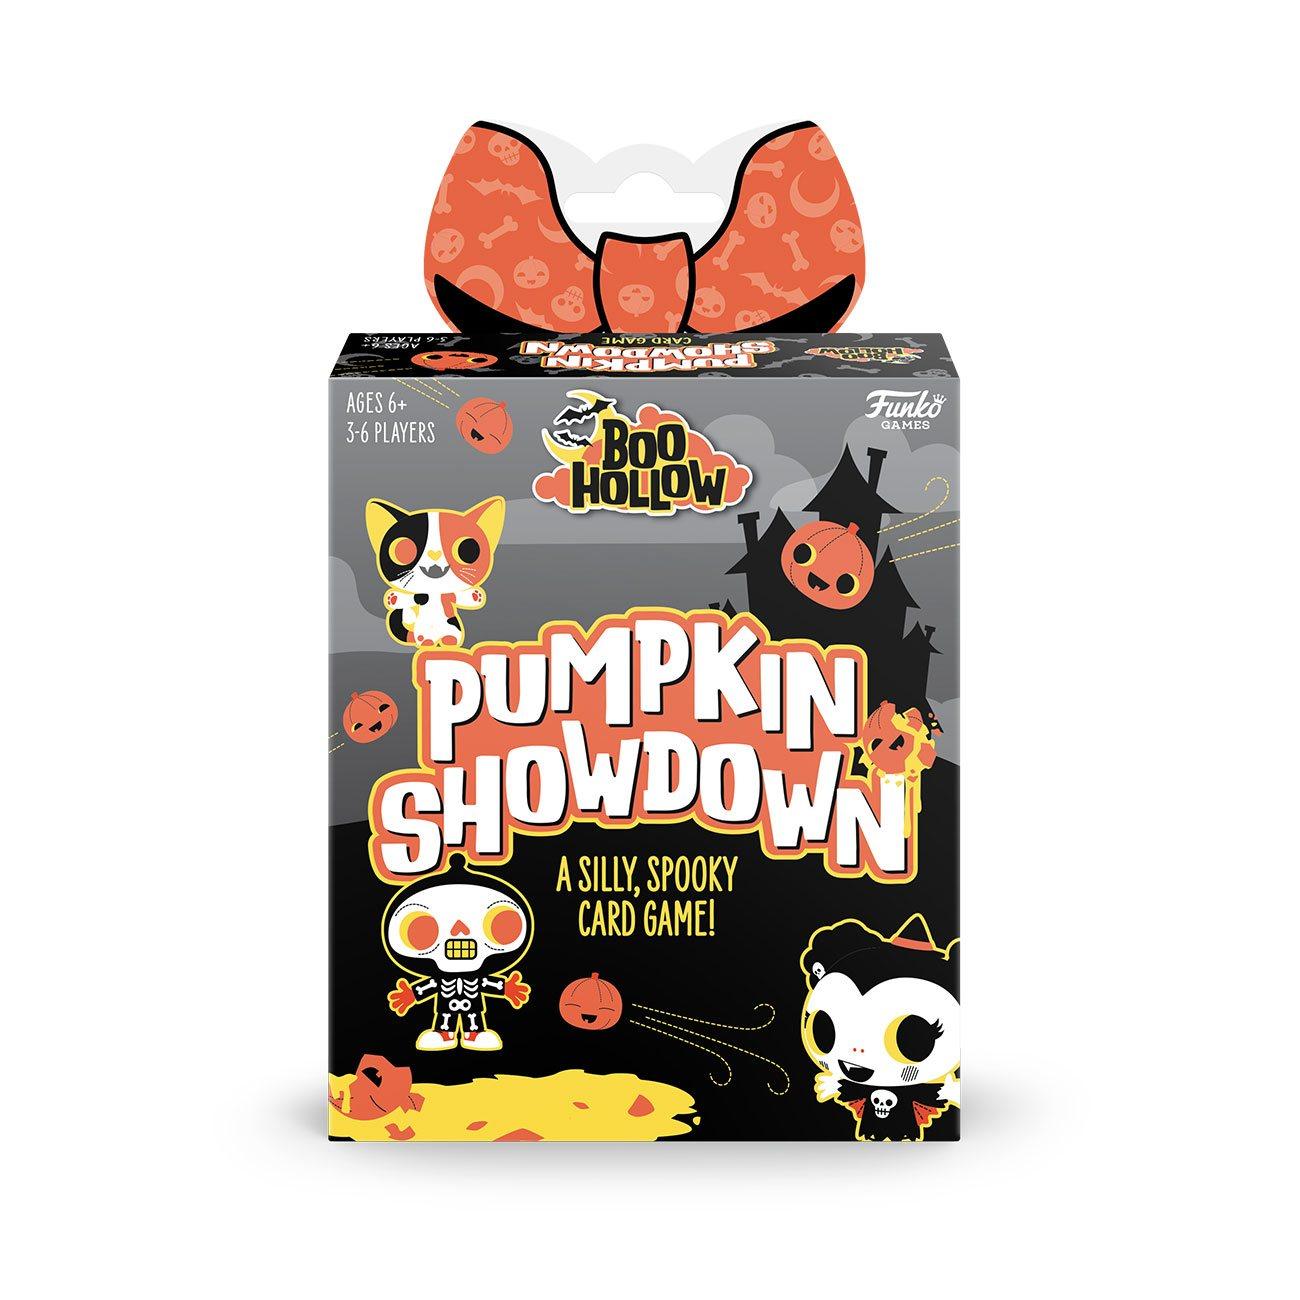 Boo Hollow Card Game Pumpkin Showdown English Version